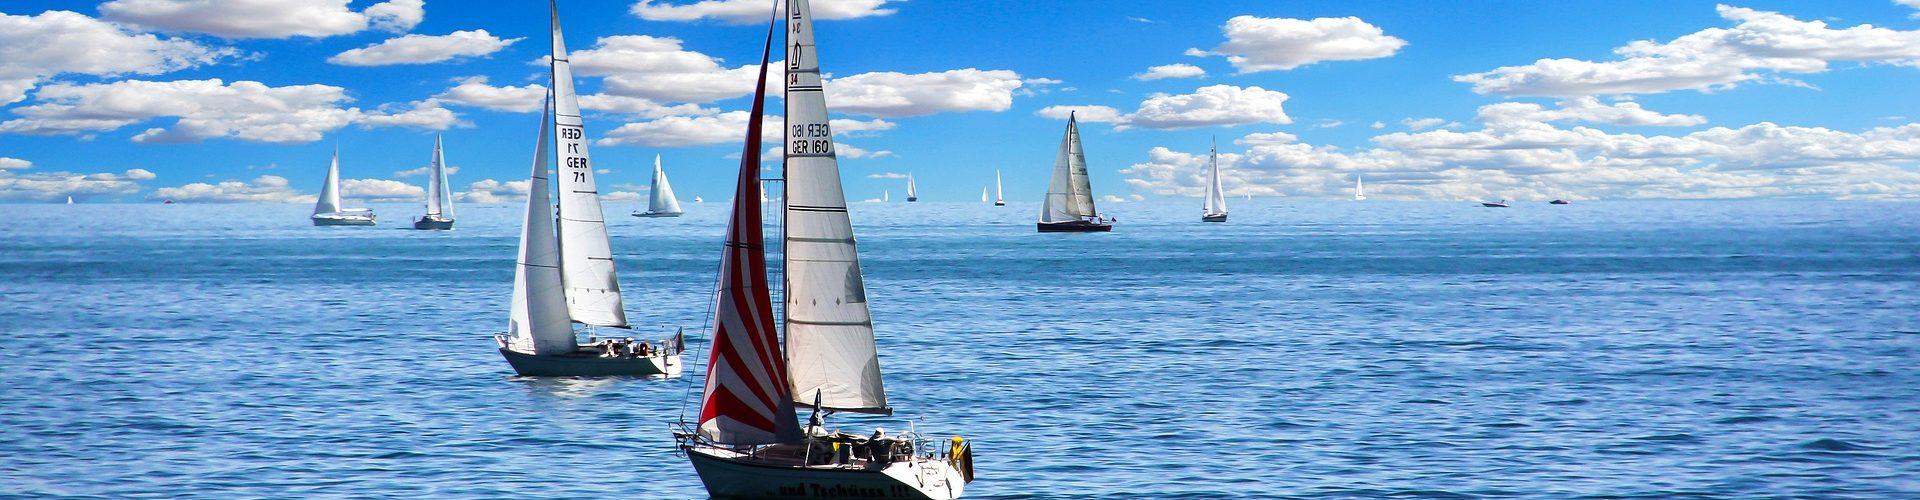 segeln lernen in Weiden segelschein machen in Weiden 1920x500 - Segeln lernen in Weiden